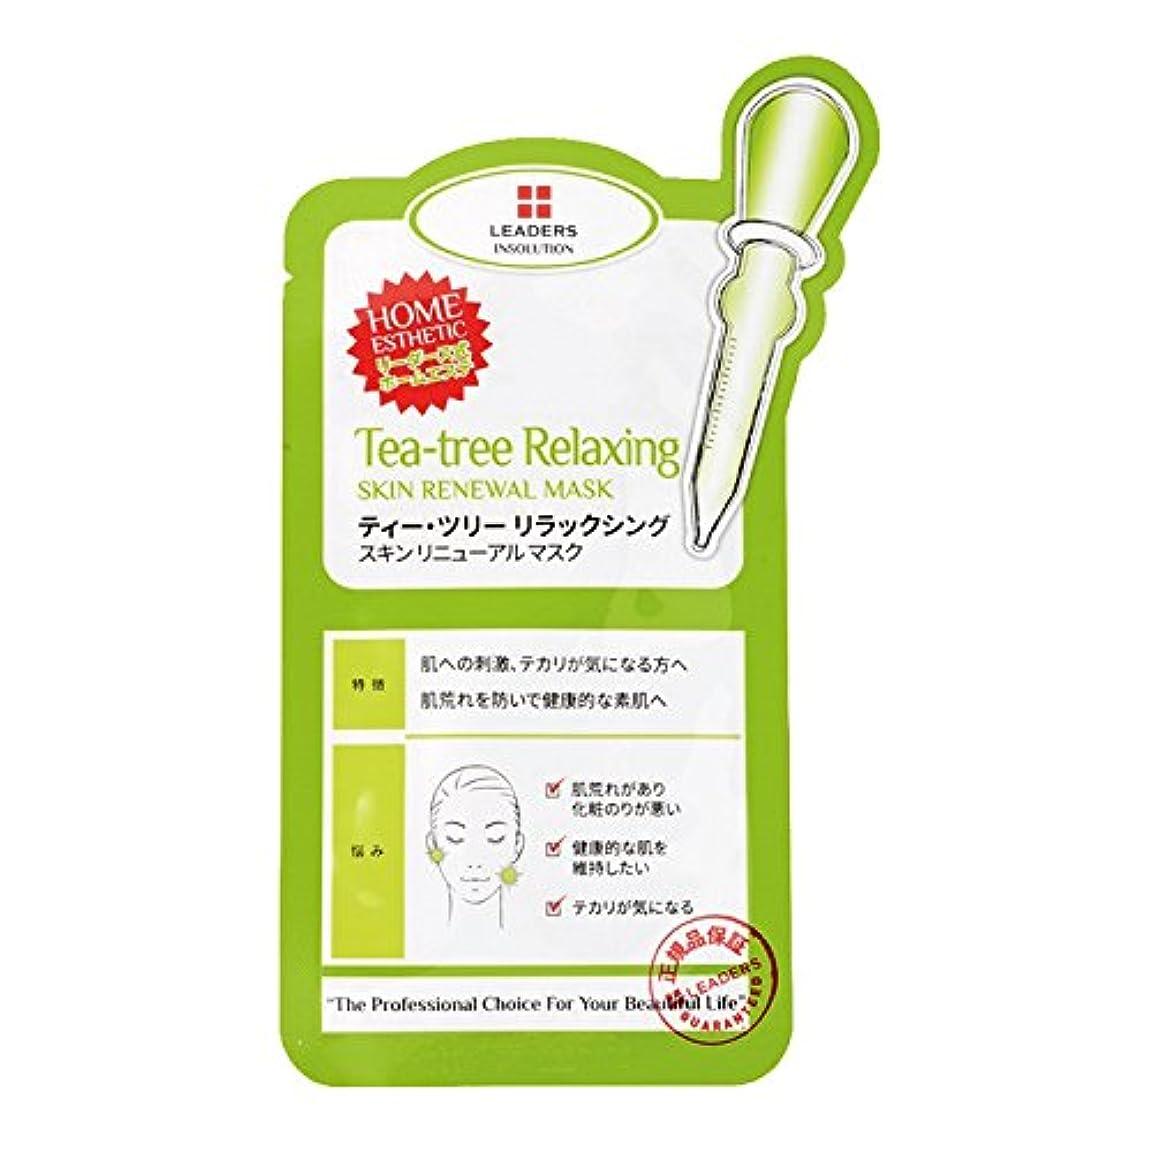 整理する居心地の良い未亡人日本限定版 国内正規品 LEADERS リーダース ティー?ツリーリラックシング スキンリニュアル マスク 1枚 25ml 敏感肌 皮脂ケア